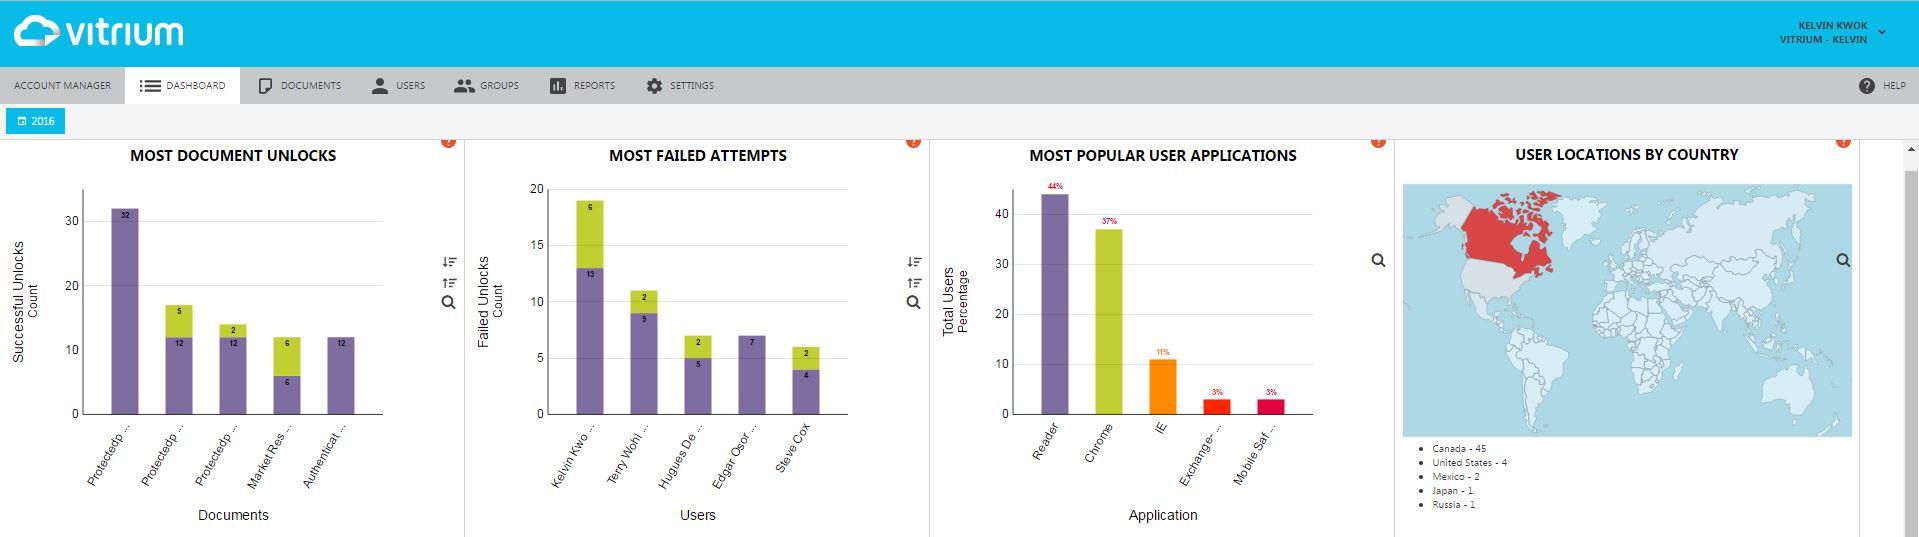 Vitrium-Security-Version-6-Analytics-Dashboard_1